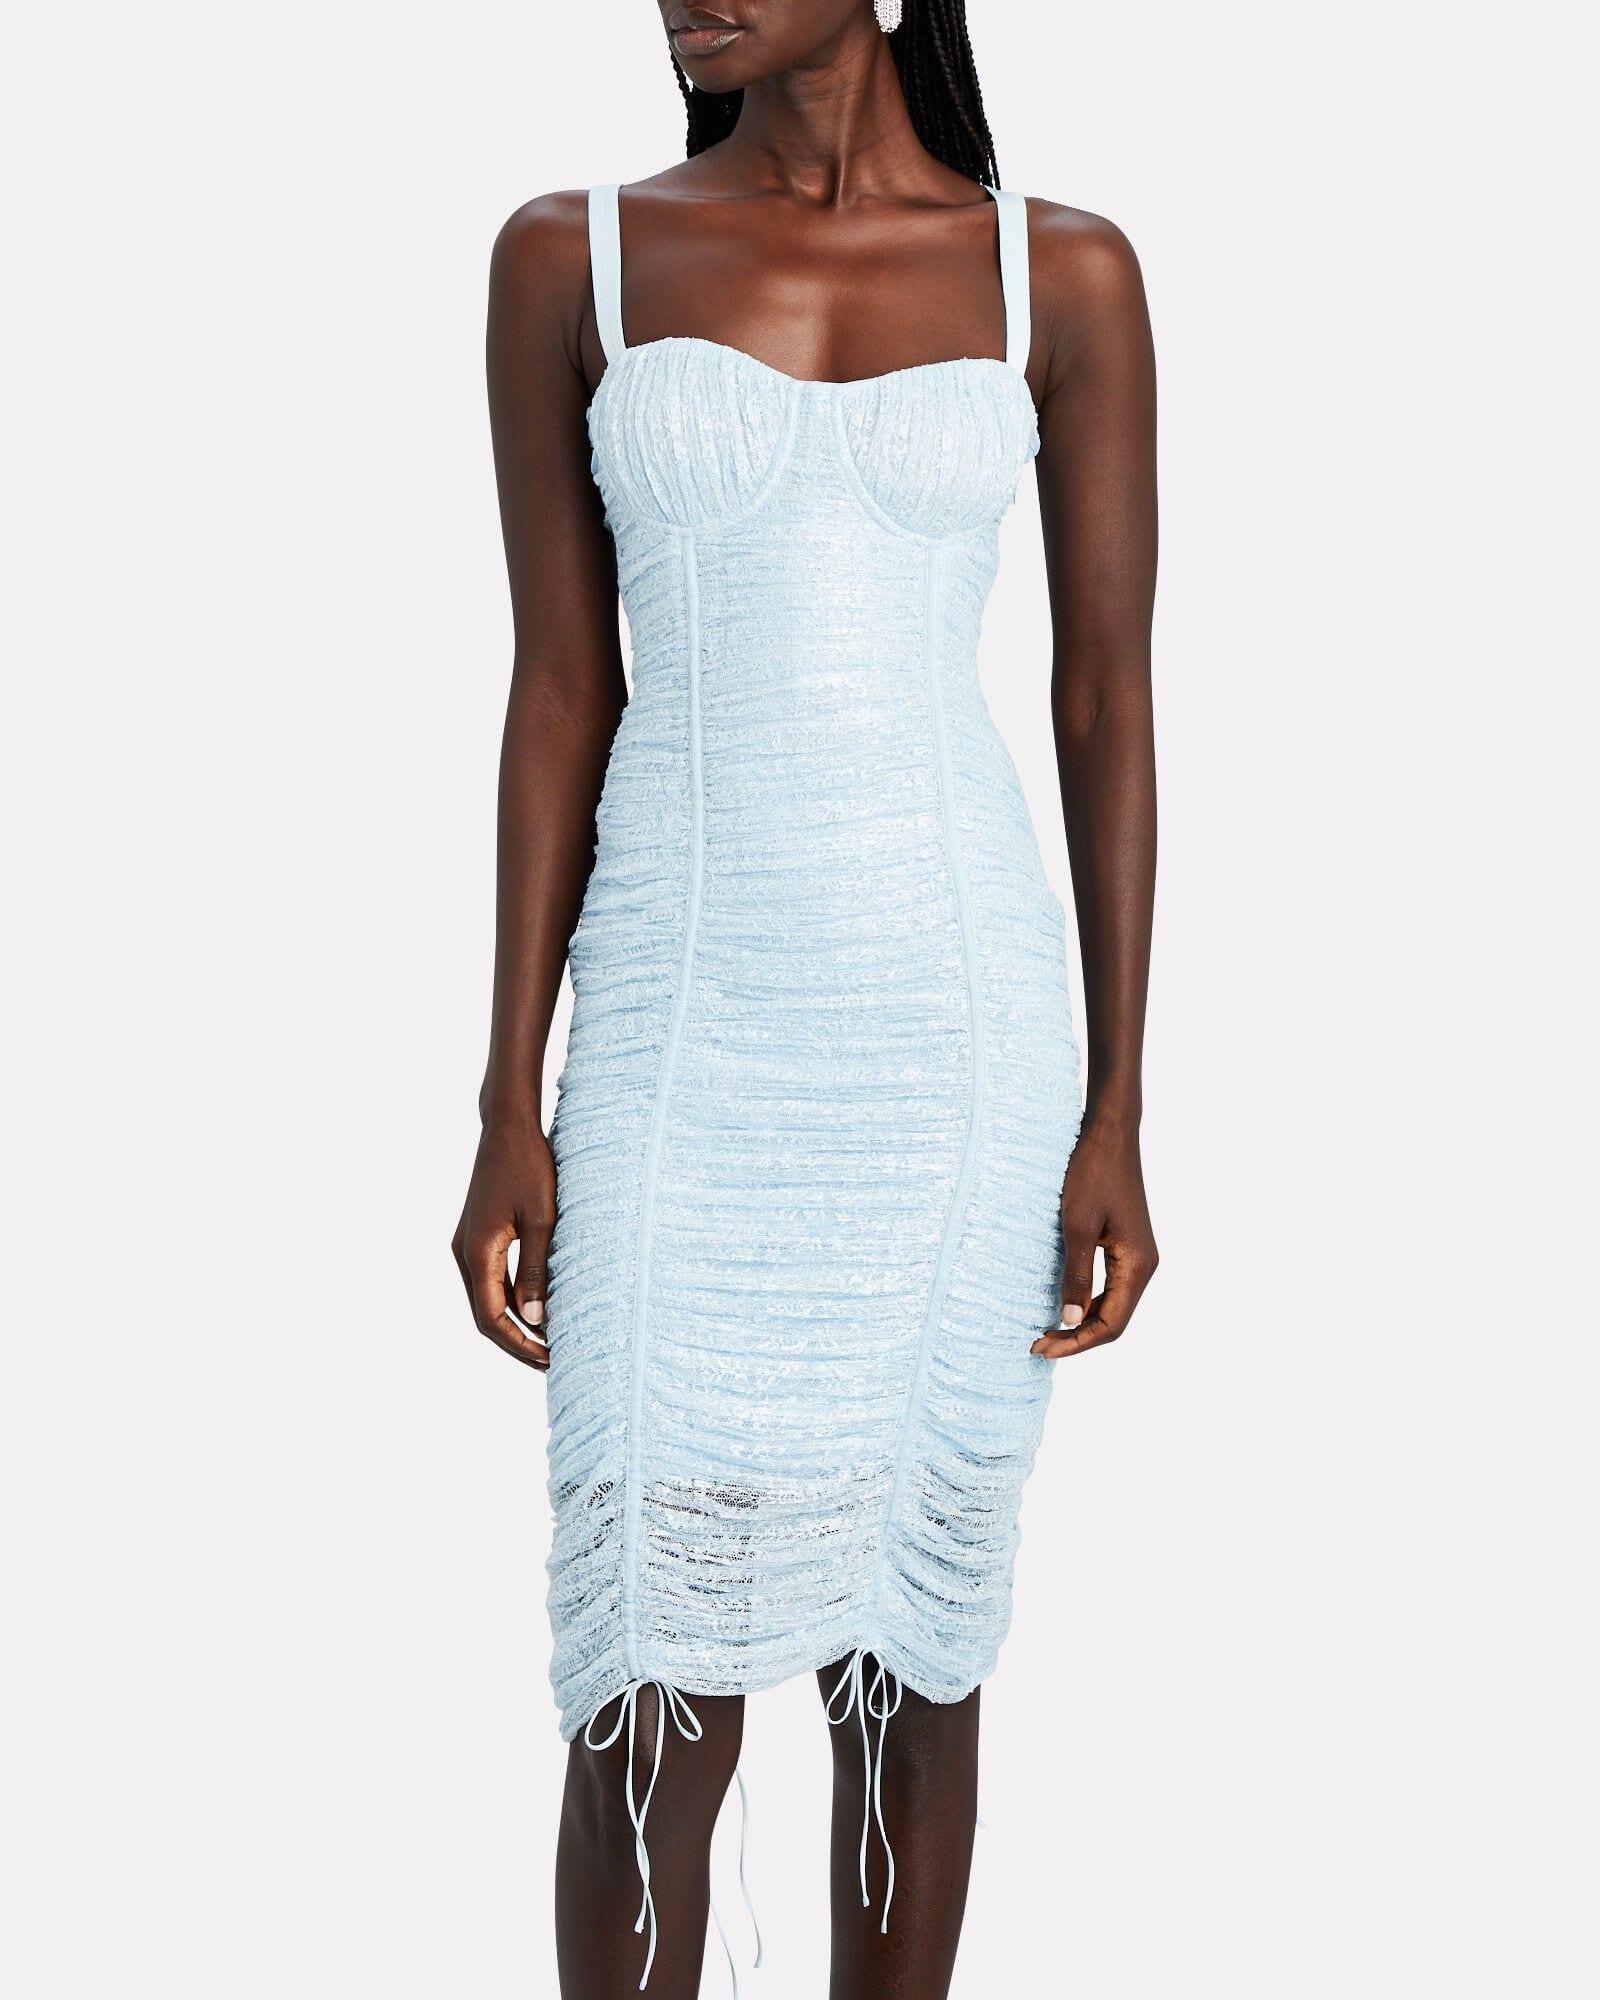 JONATHAN SIMKHAI Naia Ruched Lace Midi Dress